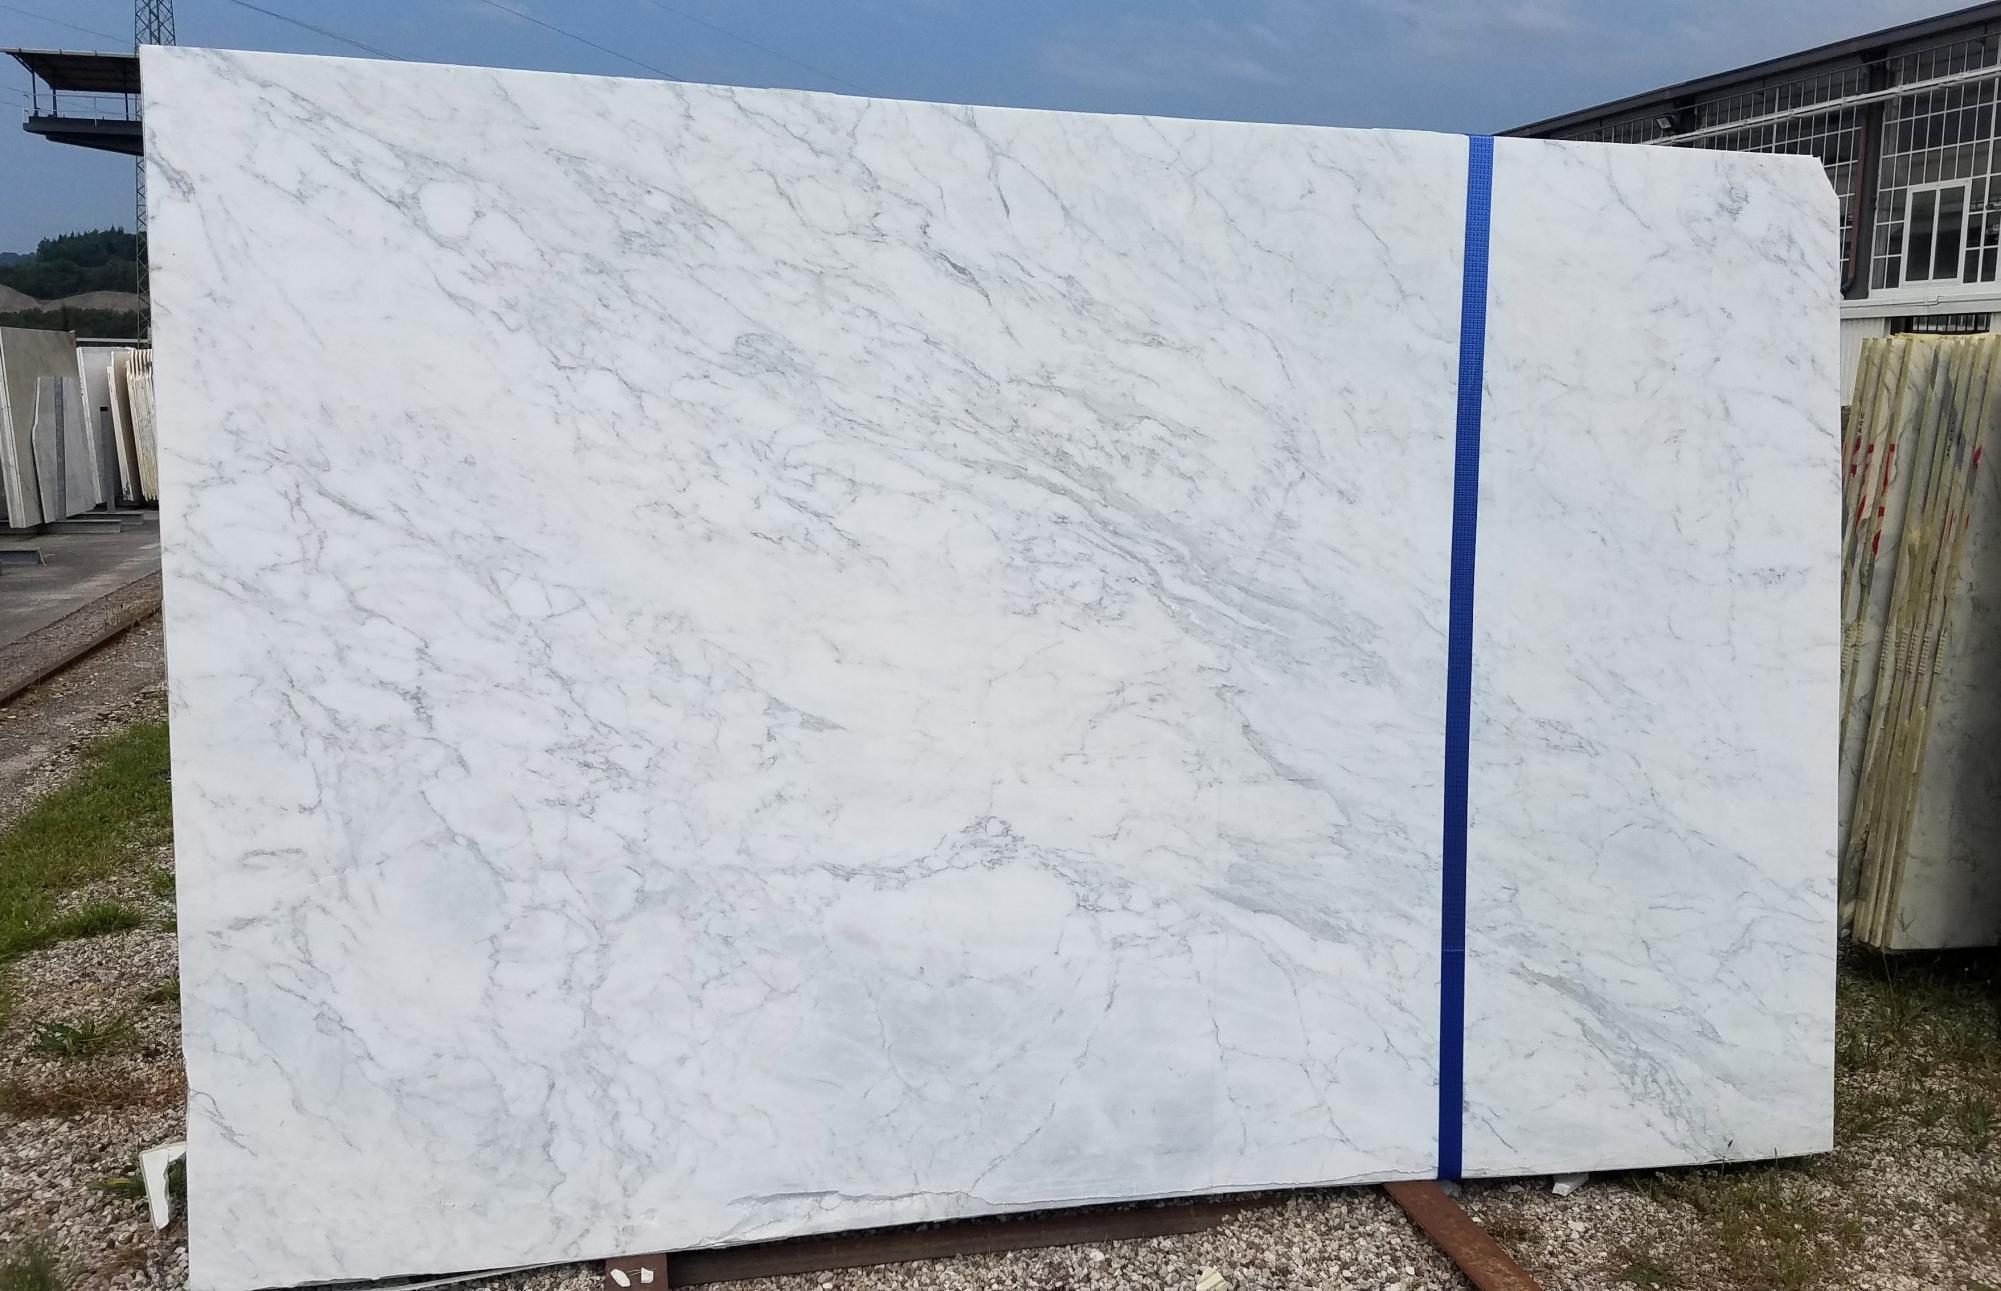 CALACATTA ARNI Suministro Veneto (Italia) de planchas al corte en mármol natural Z0195 , Bundle #3 - Slab #30